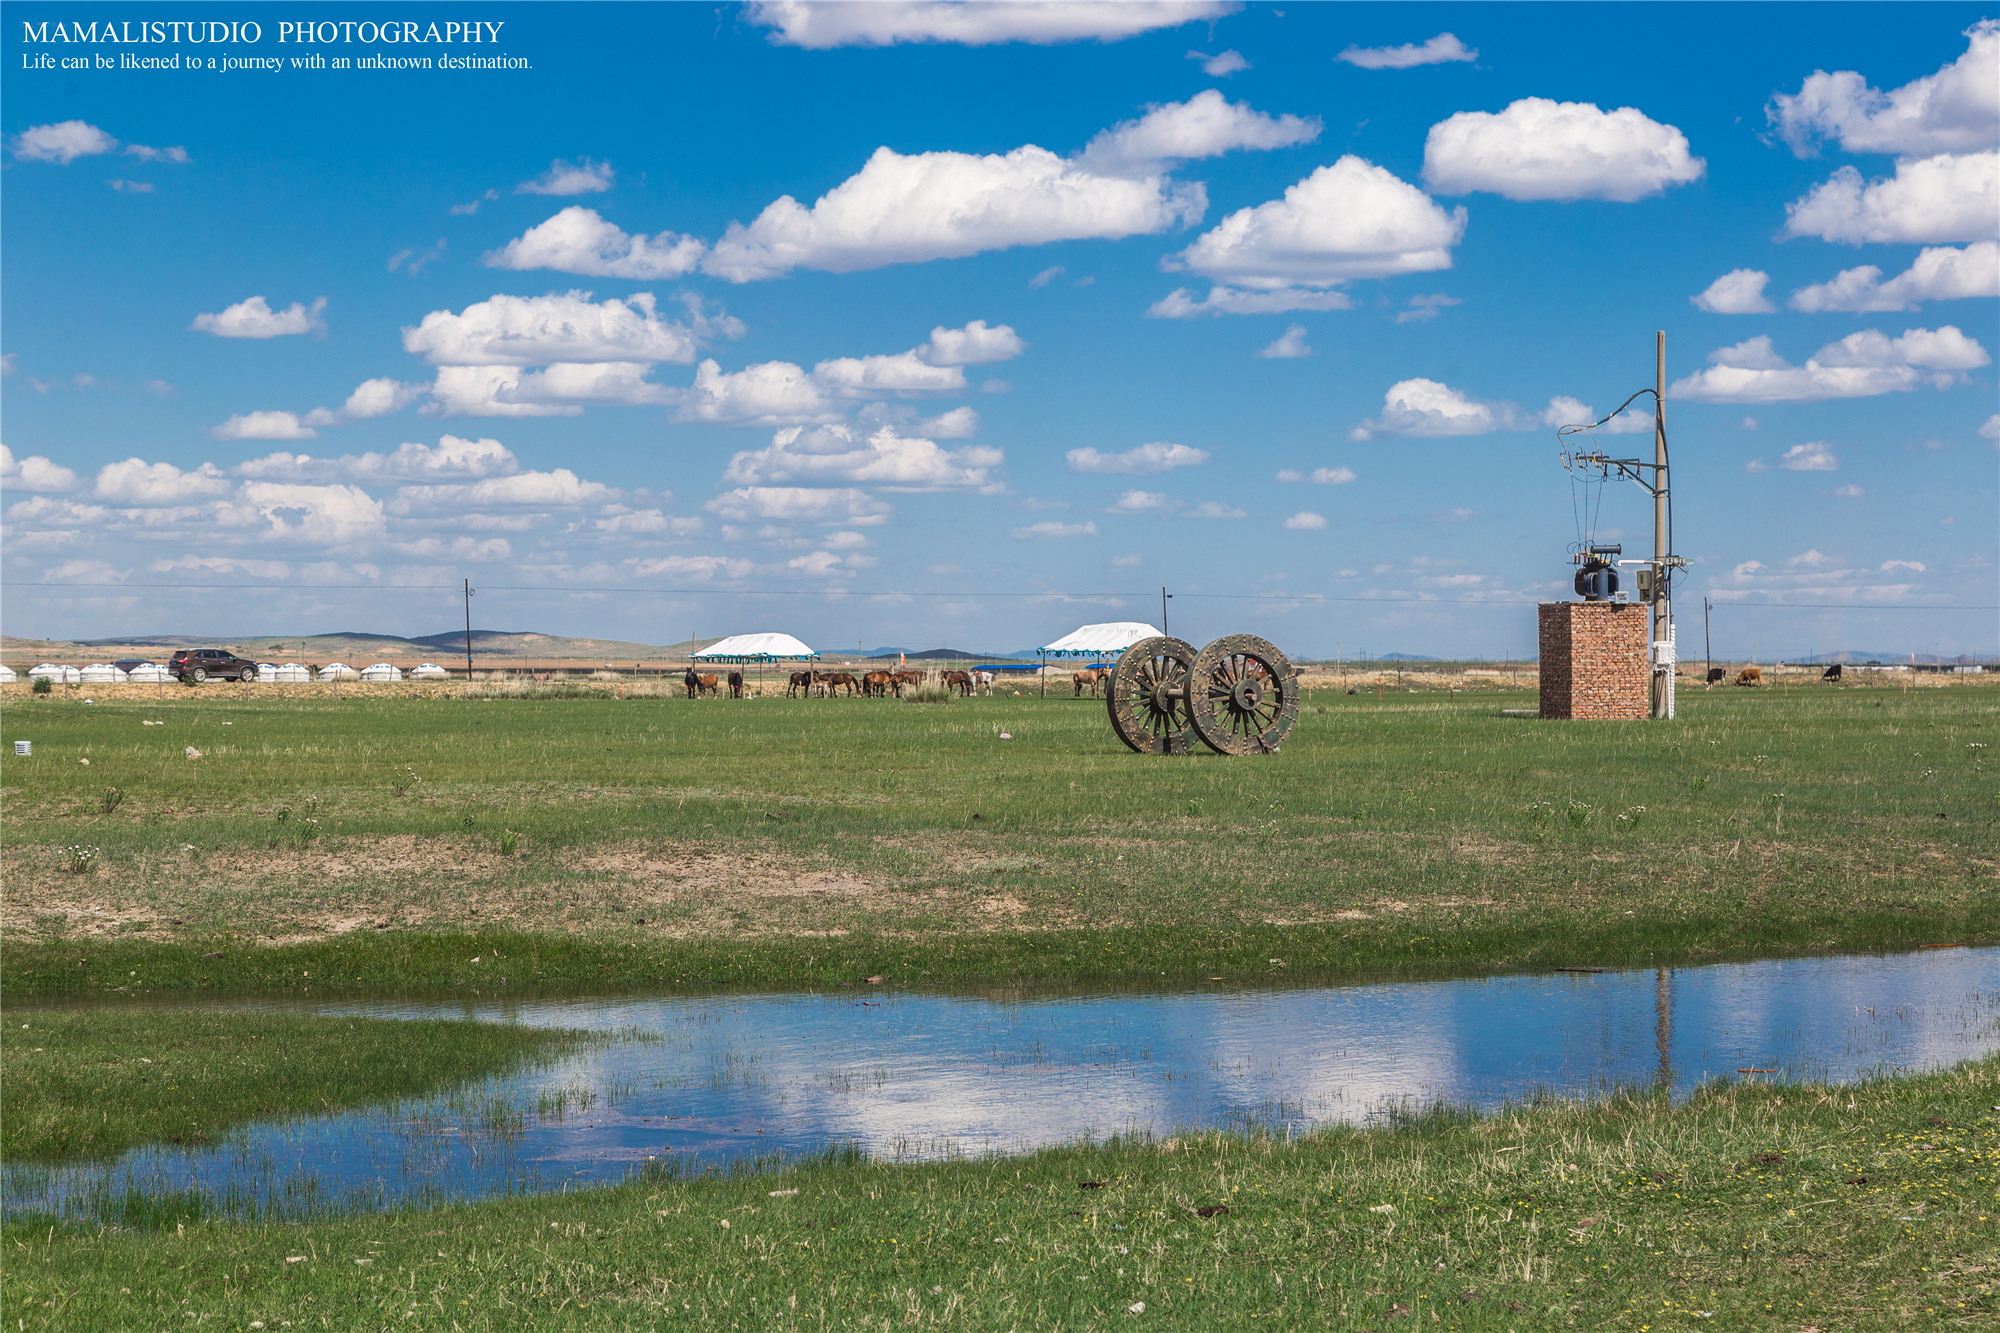 蒙古老营的铜锅茶和手抓肉,详解彪悍蒙餐打开方式